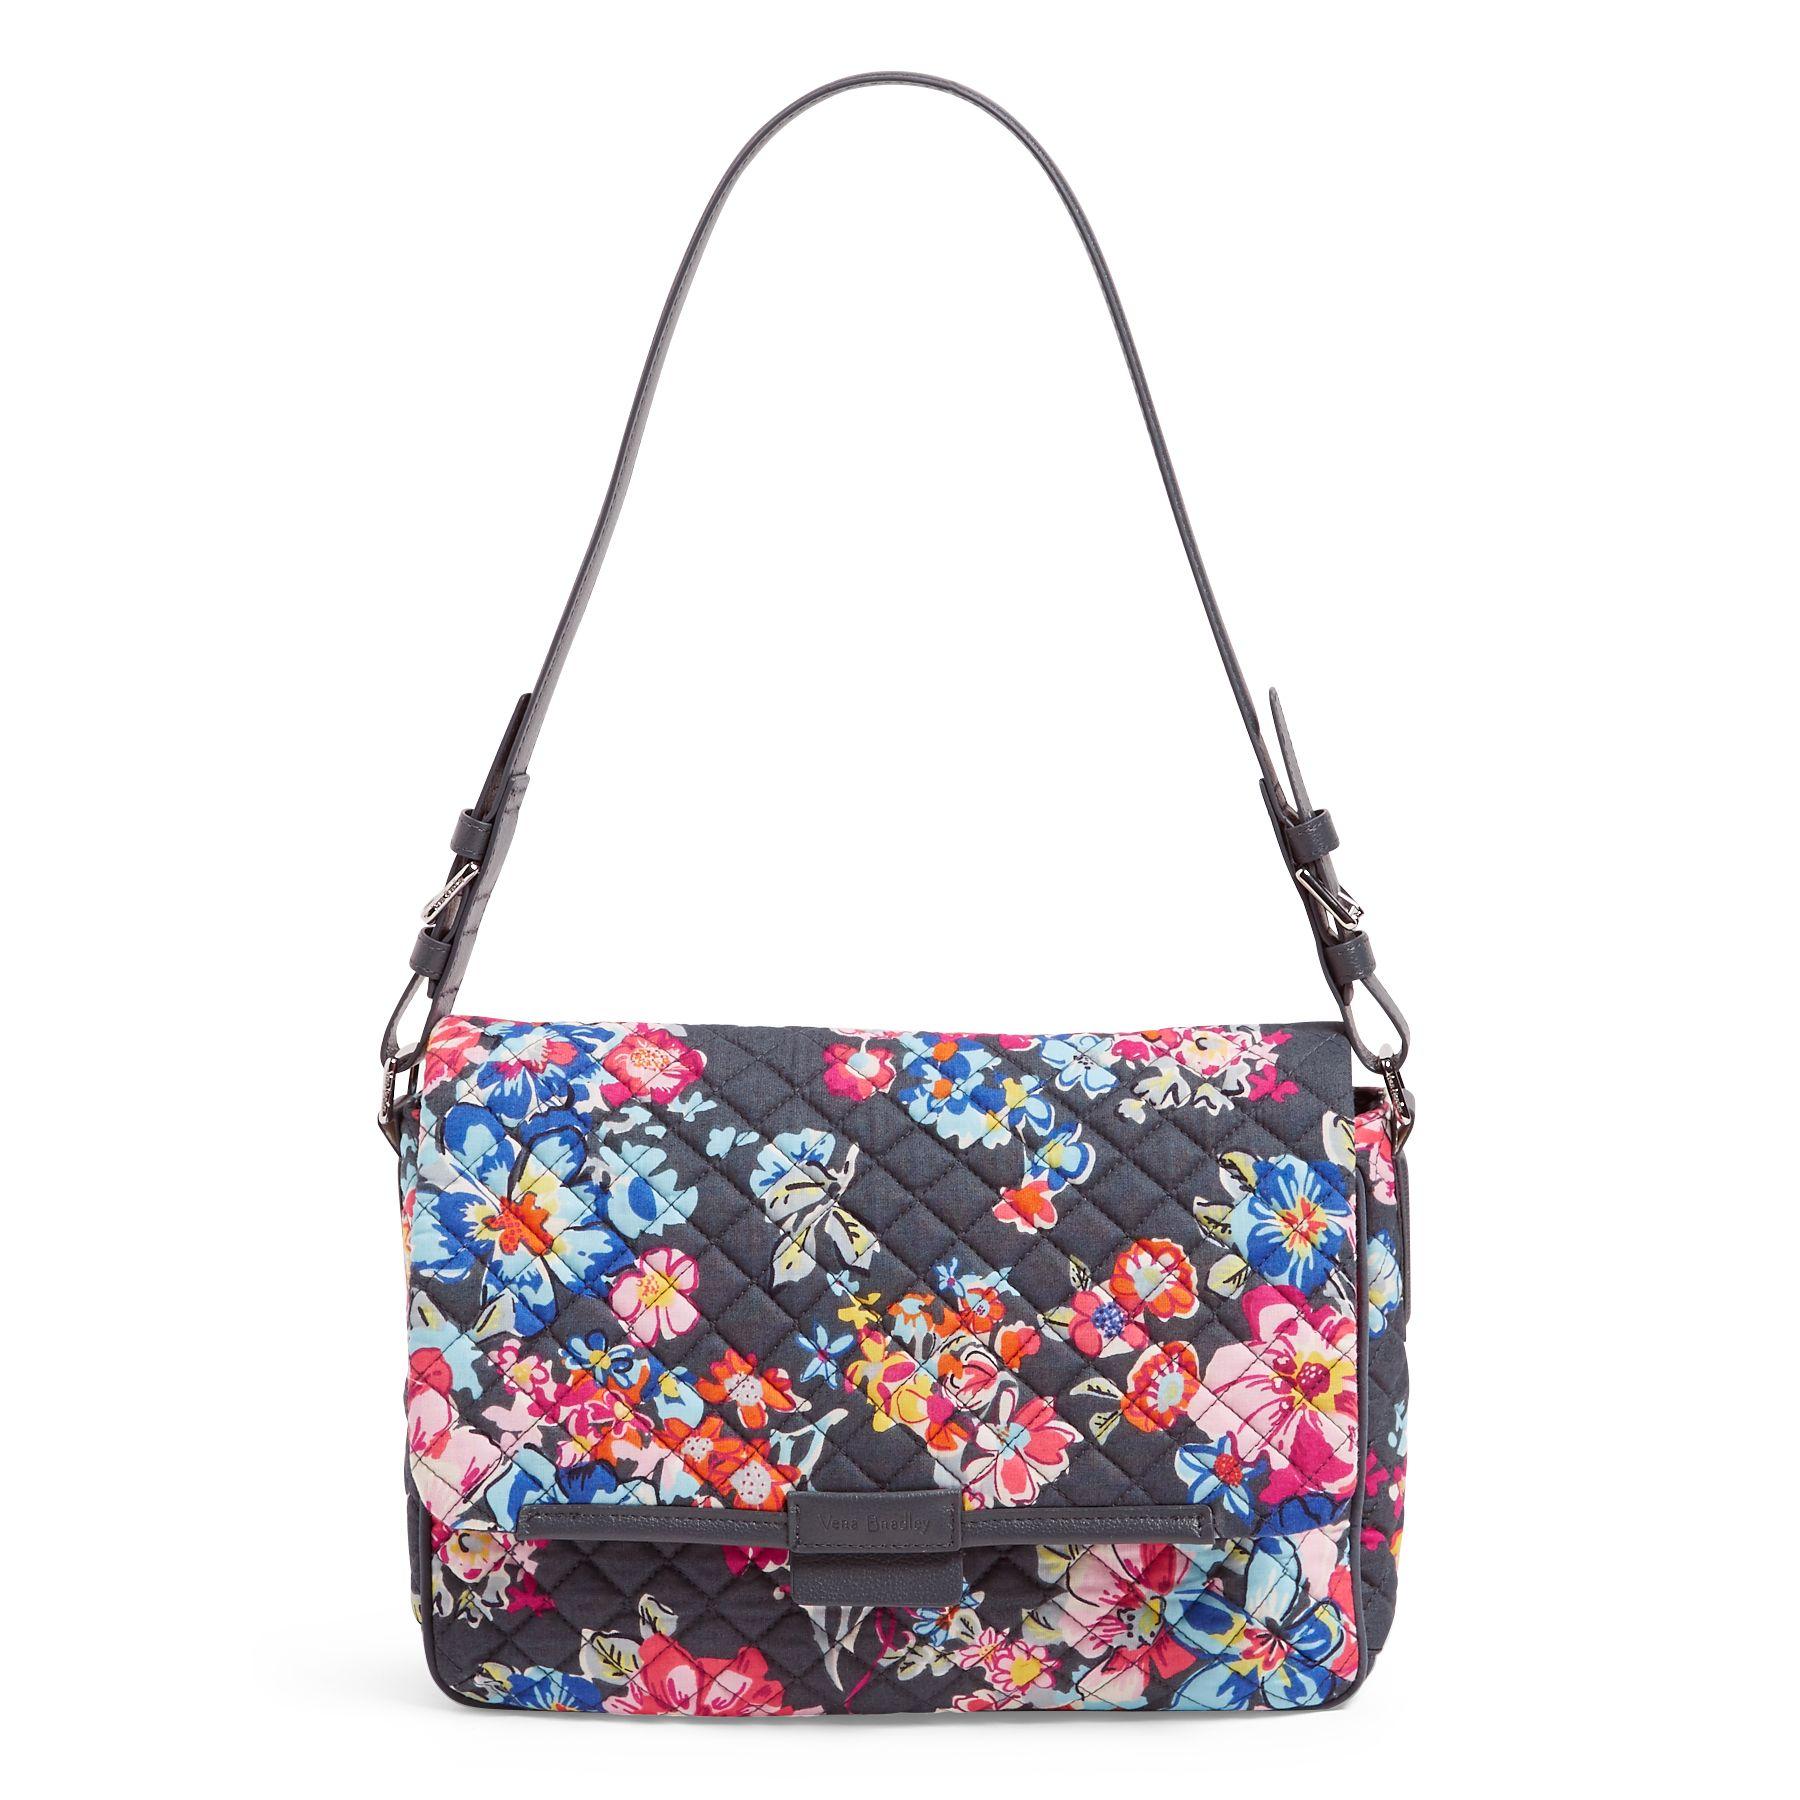 d3f51d8b83cc Iconic Shoulder Bag